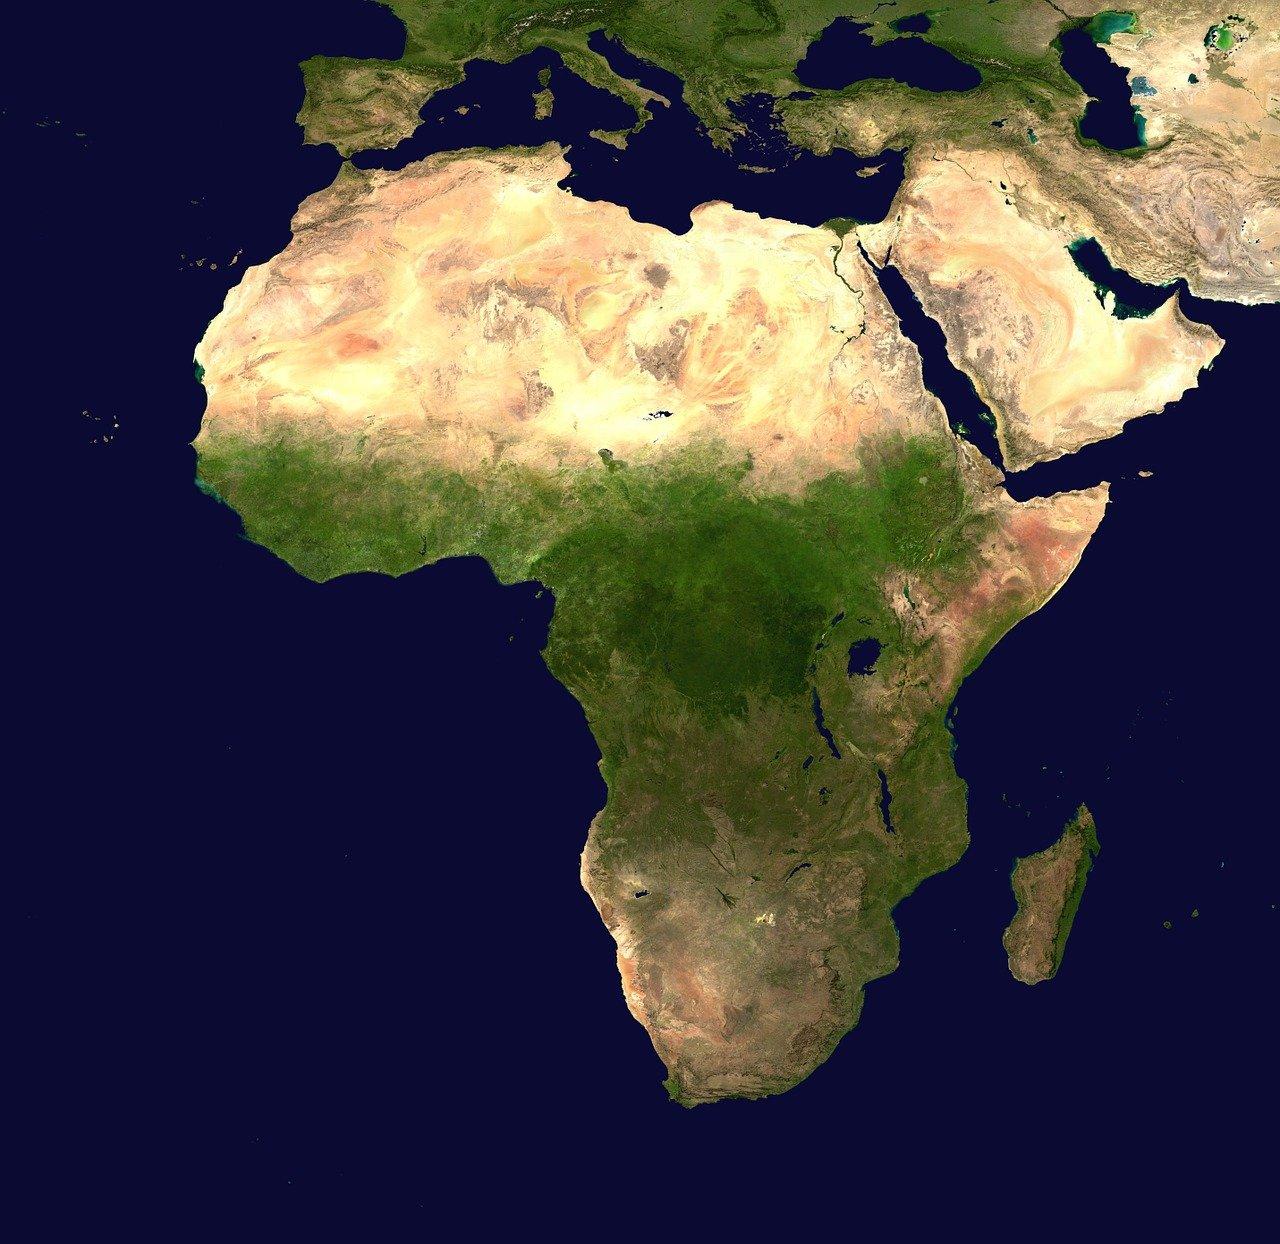 Breve estudo sobre o Continente Africano